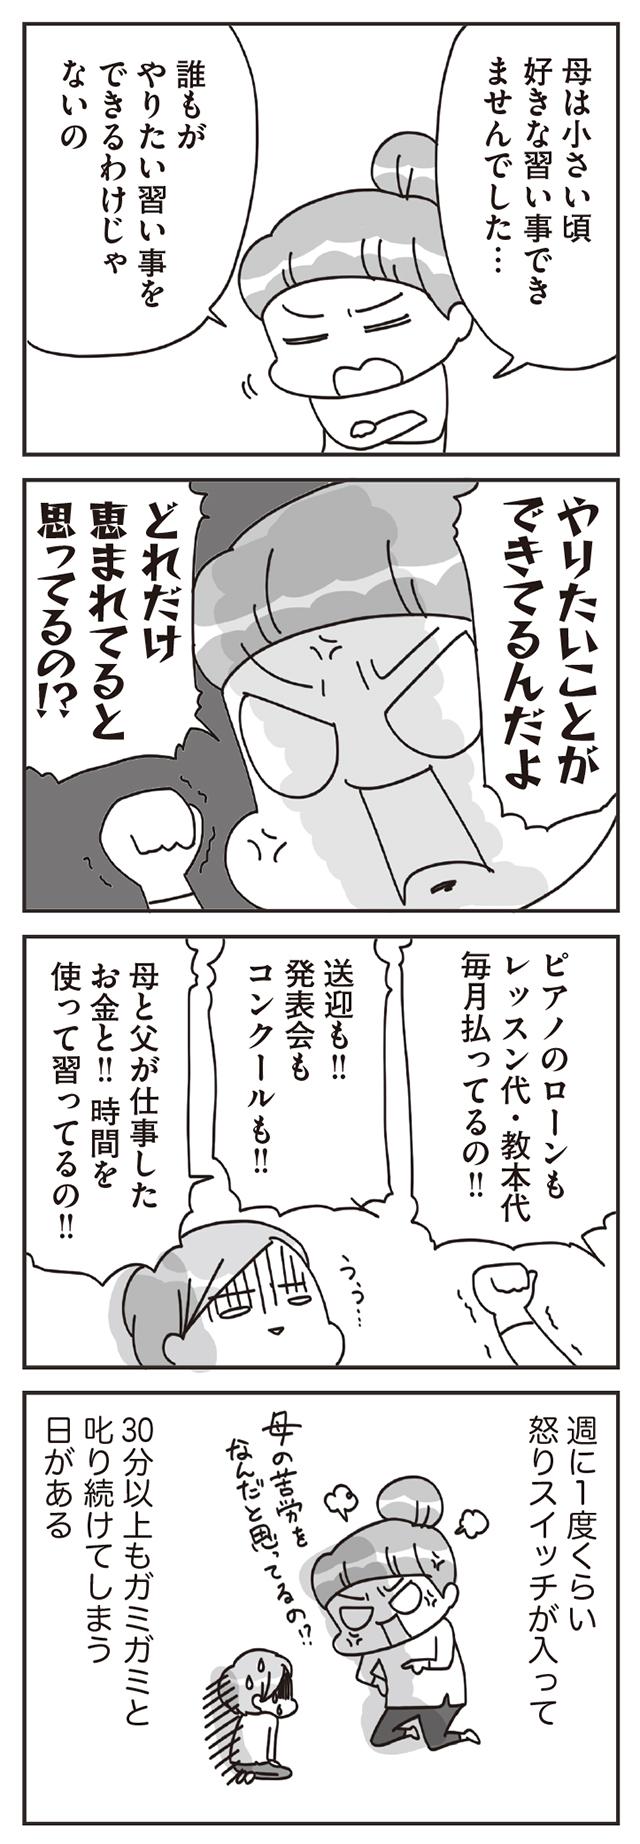 2-10.jpg